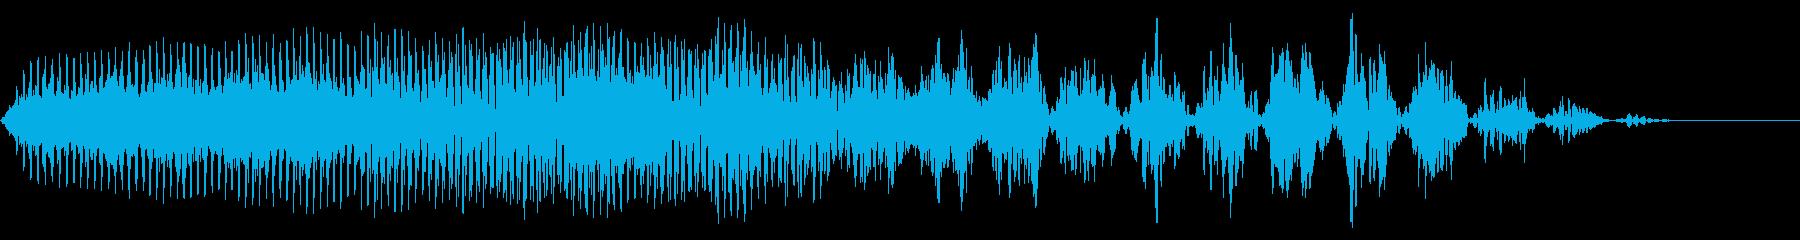 クイック振動遷移の再生済みの波形